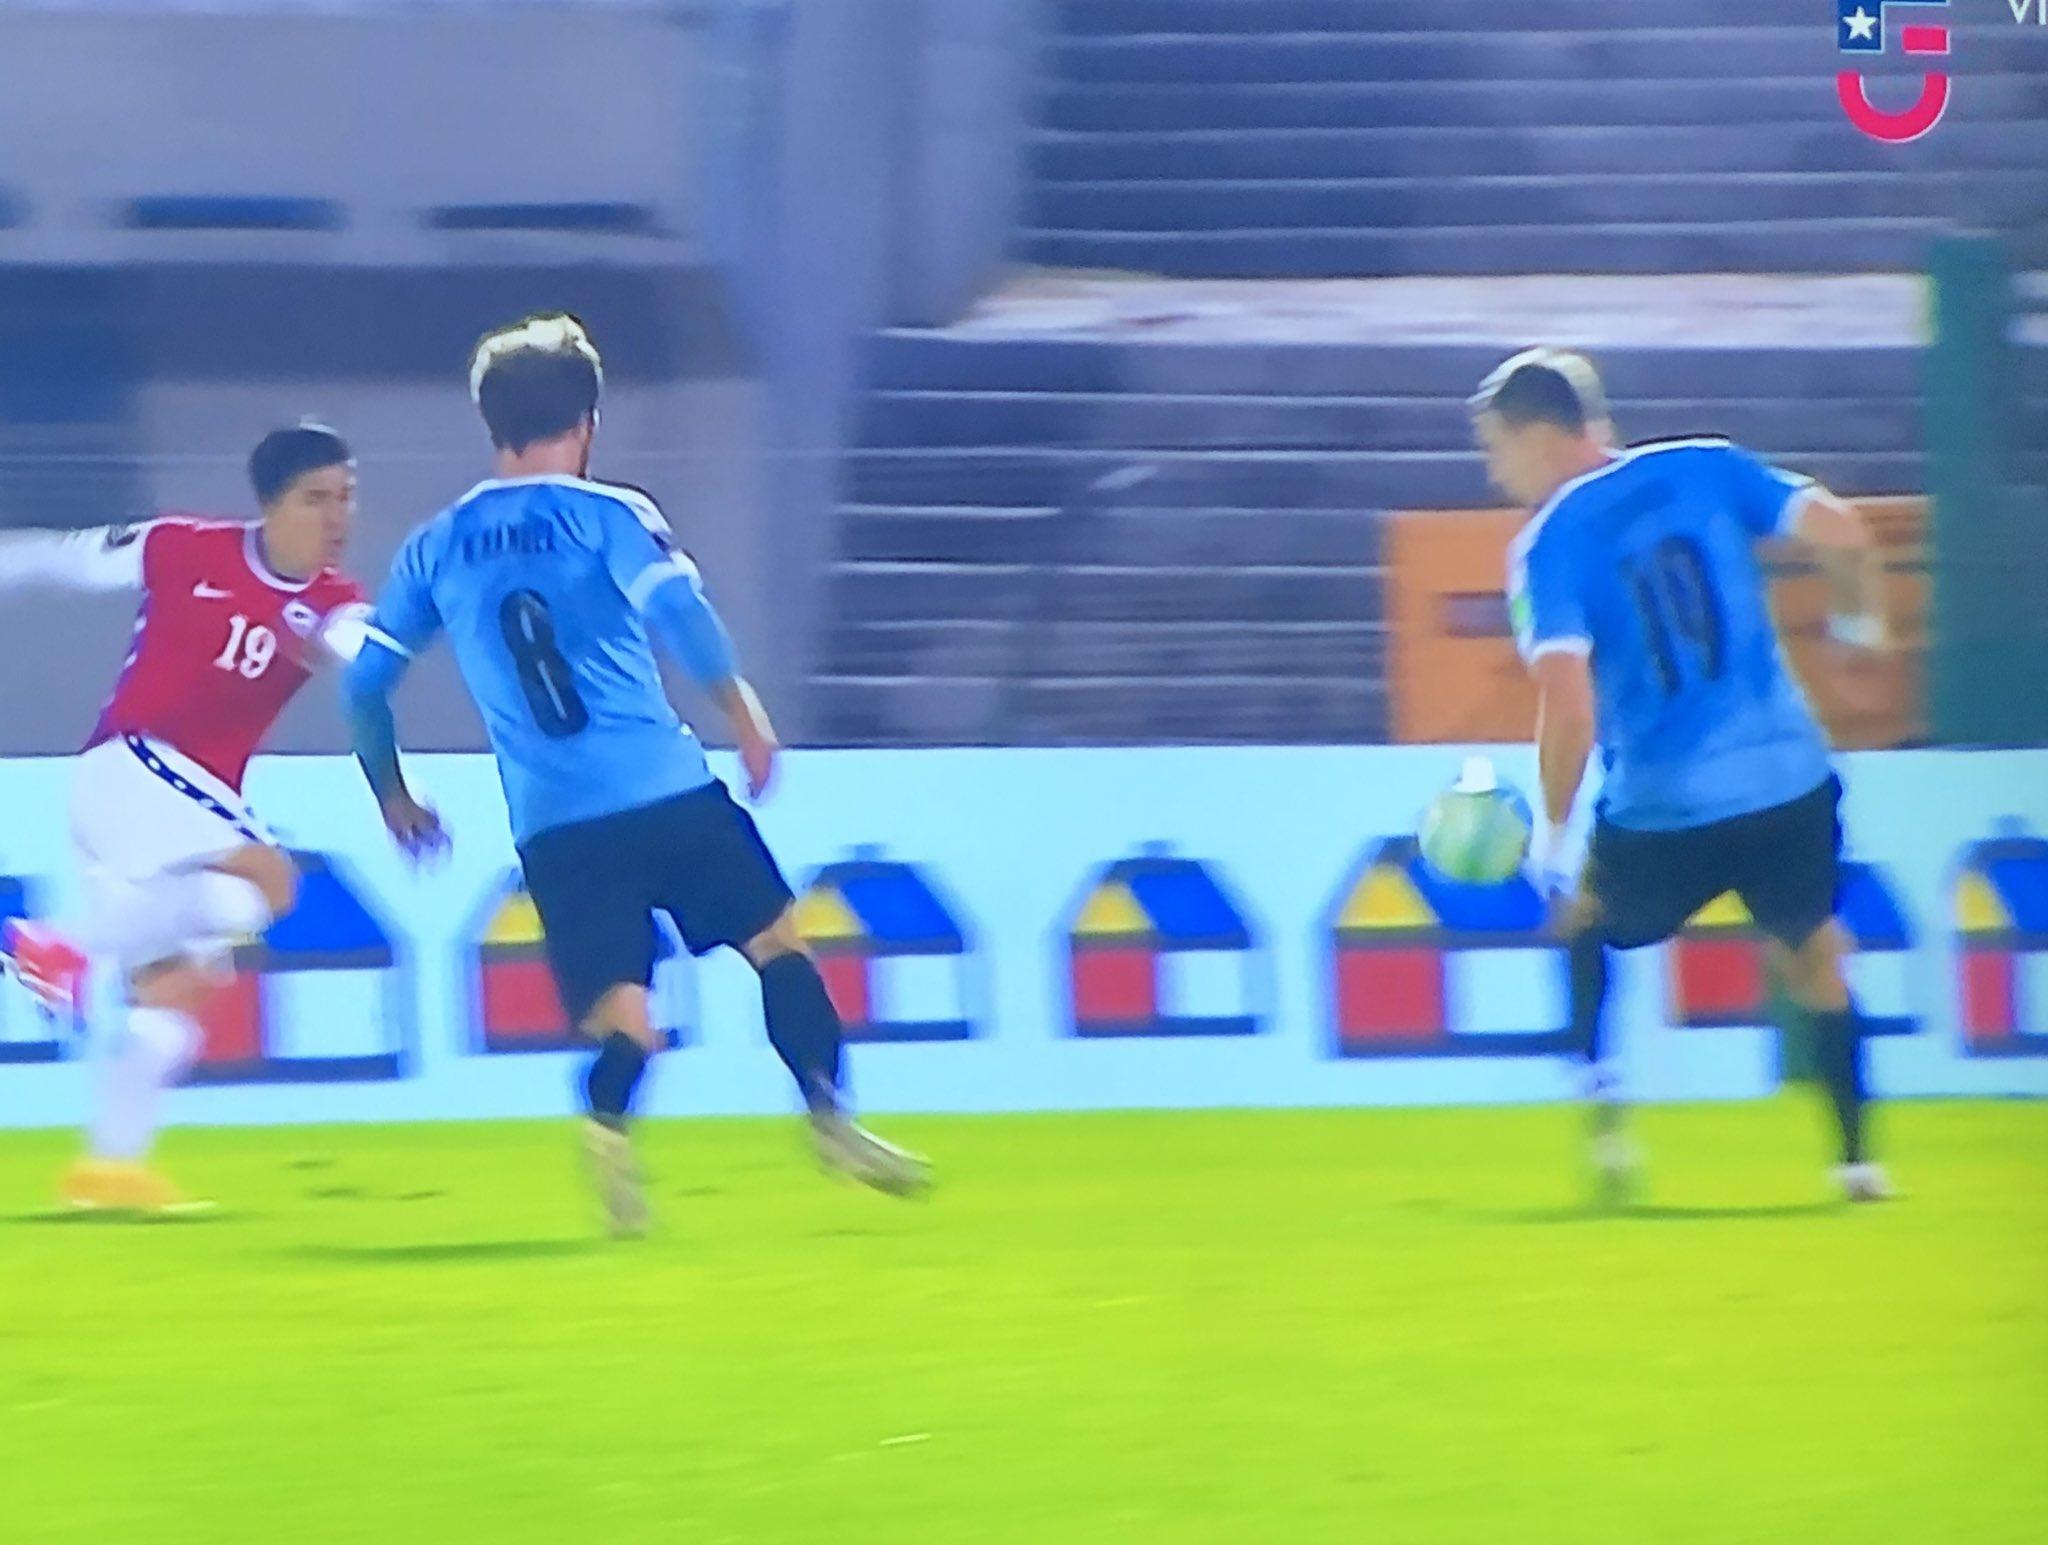 «Este wn es más malo que el covid»: Claudio Palma estalla contra árbitro paraguayo